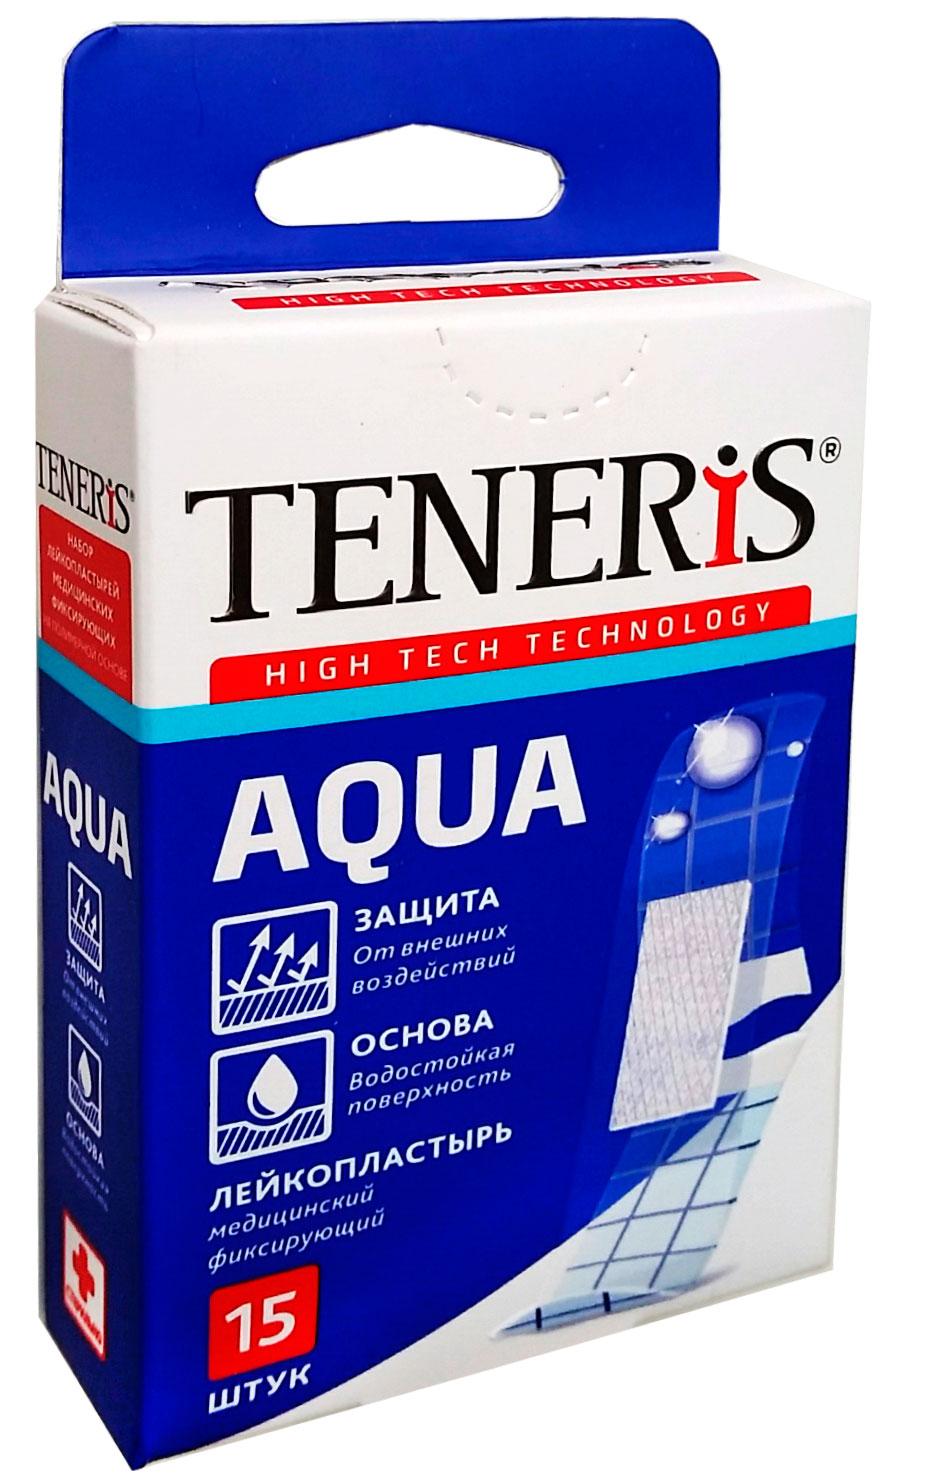 Набор лейкопластырей Тенерис Аква: 15 шт, 76 мм х19 мм1*27514Водонепроницаемый лейкопластырь на основе полиуретановой пленки. Технология вторая кожа. Надежно защищает рану во время купания. Антитравматическое покрытие раневой подушечки. 15 шт. в упаковке